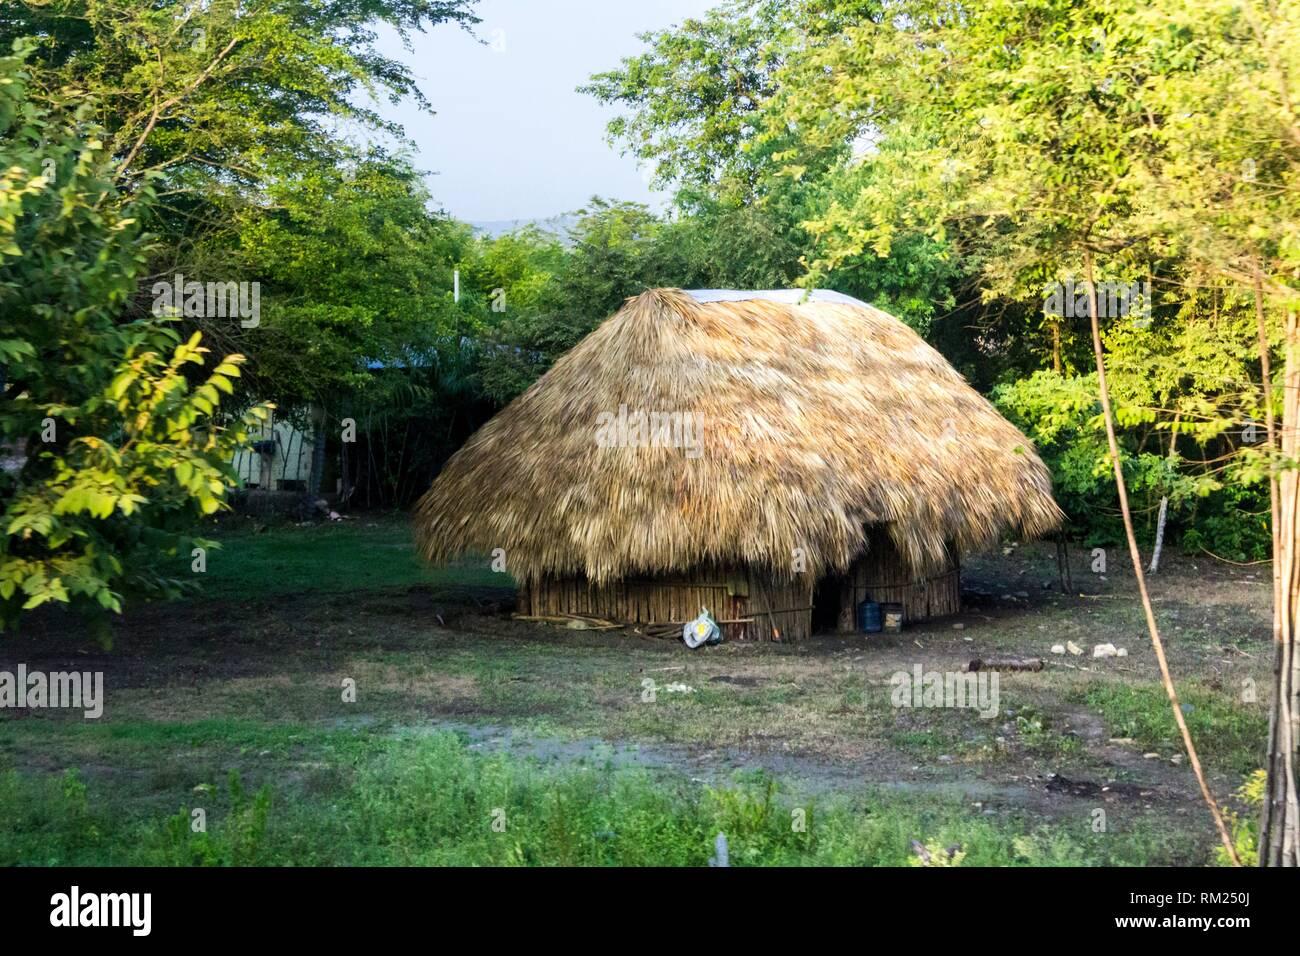 Village hut in the forest. Ciudad Valles, San Luis Potosí. Mexico. - Stock Image